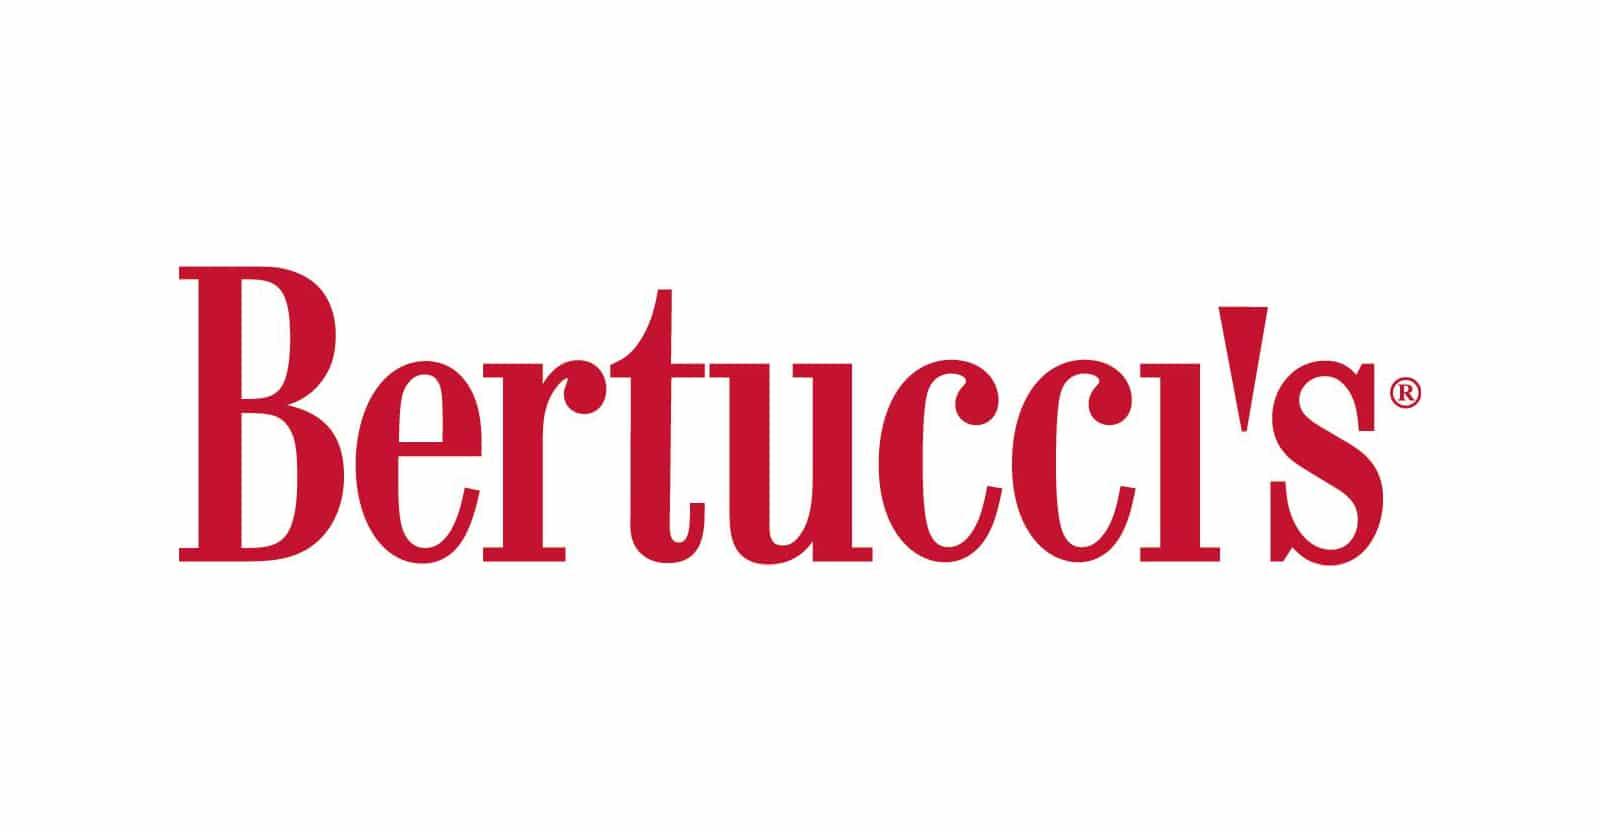 Bertucci's Gluten-Free Menu